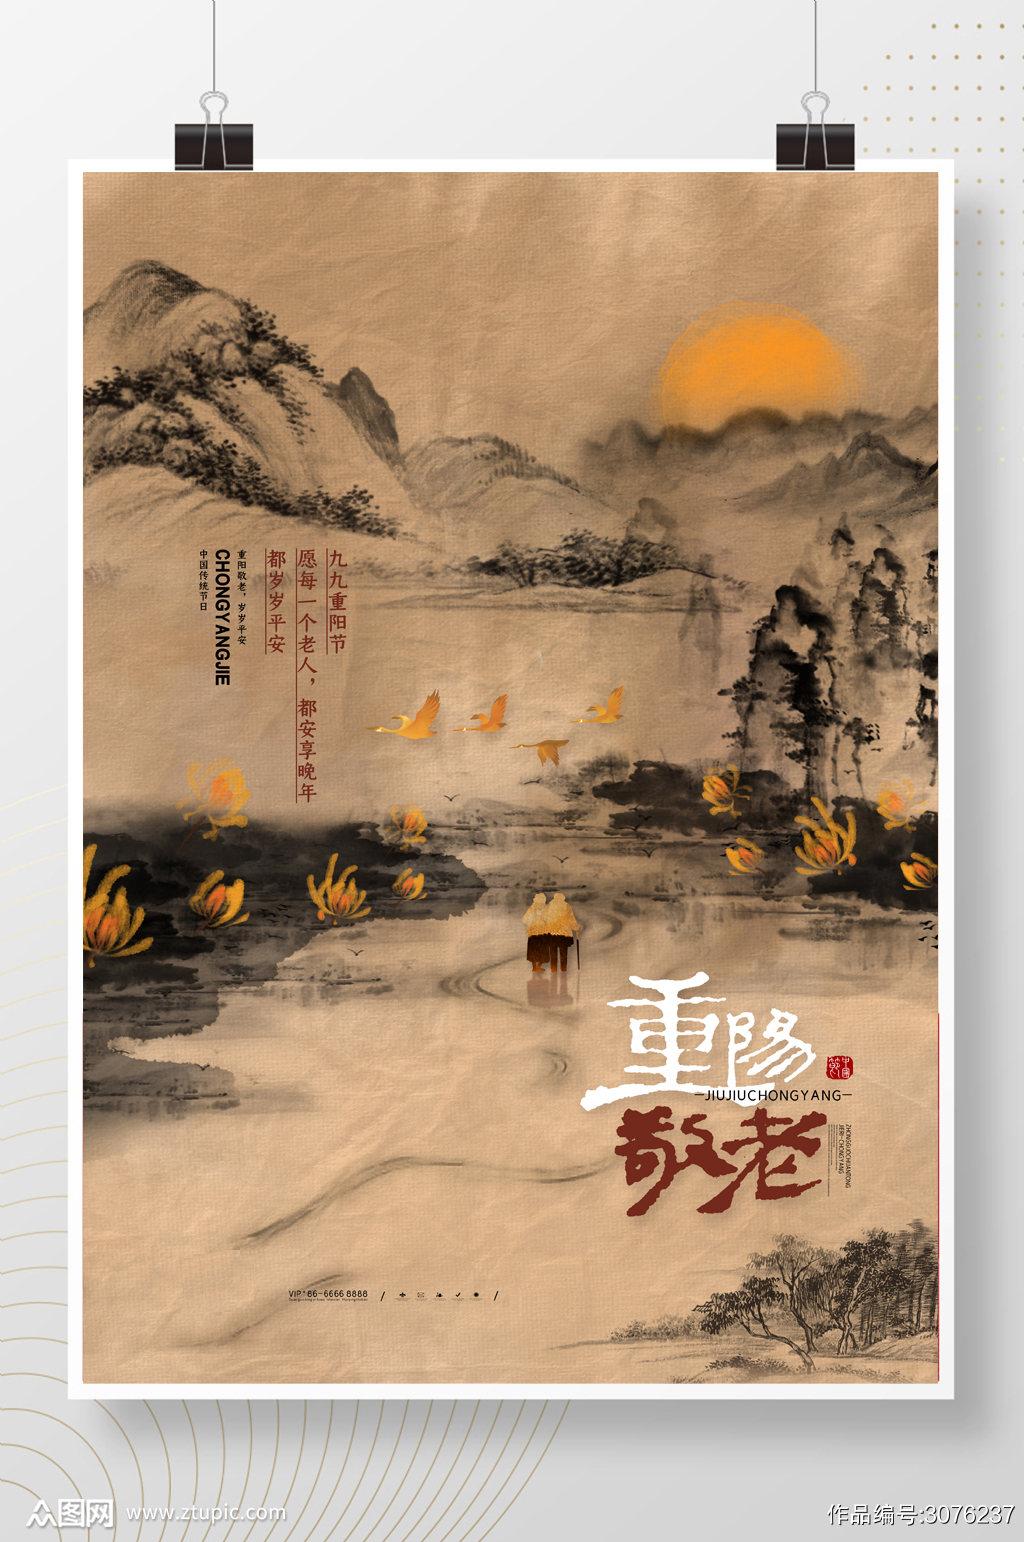 复古中国风重阳敬老海报九九重阳节宣传海报素材